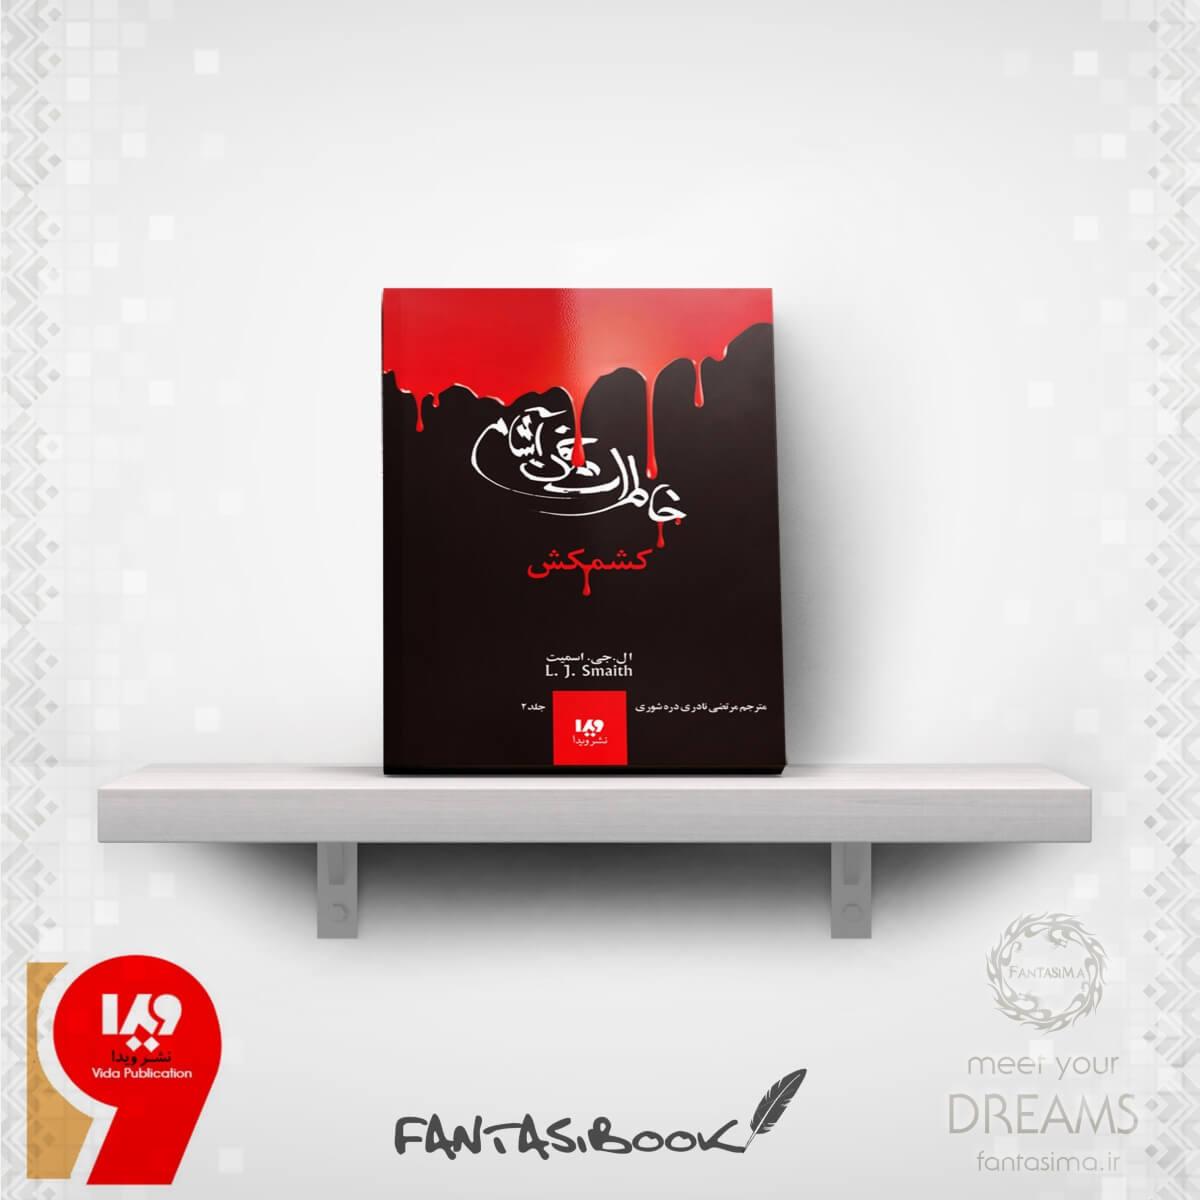 کتاب خاطرات خون آشام - جلد 2 - کشمکش